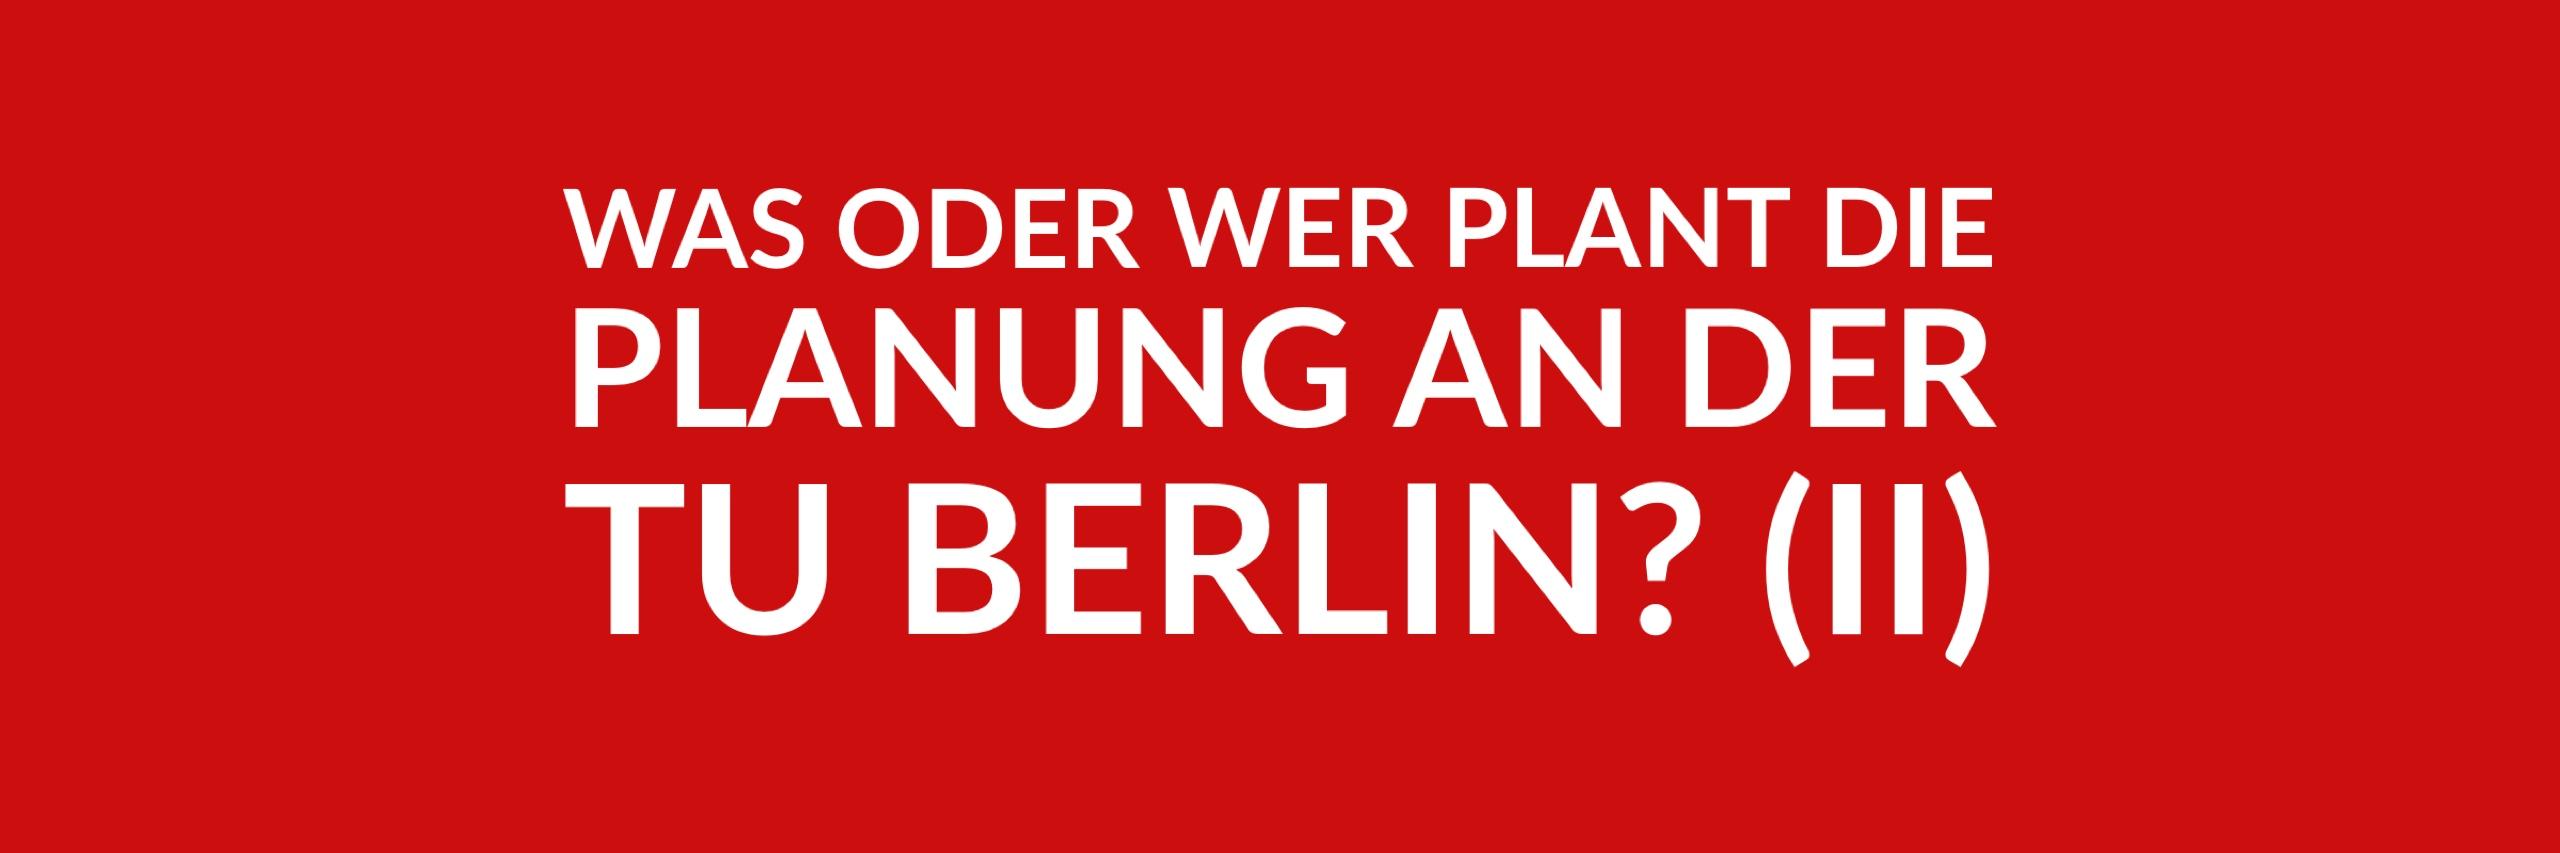 Anfrage 'Was oder wer plant die Planung an der Technischen Universität Berlin? (II)' (PDF)